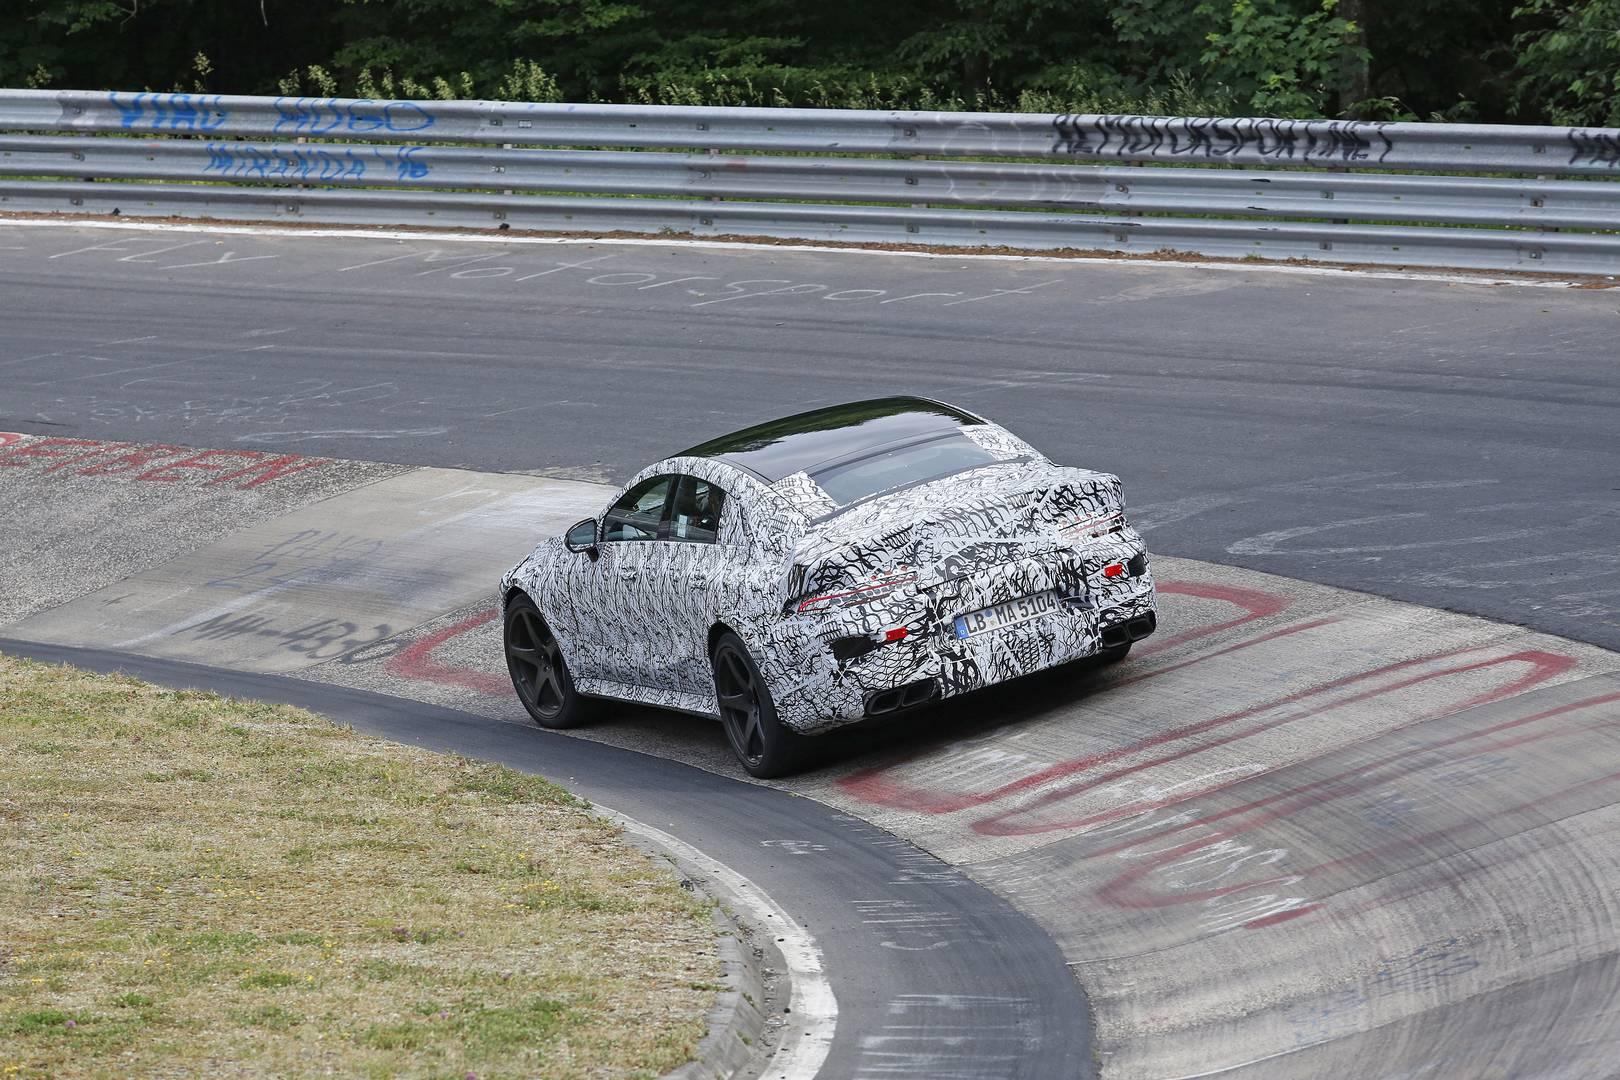 Такое увеличение для экстравагантного 4-дверного спортивного универсала может показаться неуклюжим, учитывая, что он близок обновленному CLS. AMG GT Concept демонстрировать гибридные технологии Mercedes и возмутительные технологии Project One в более